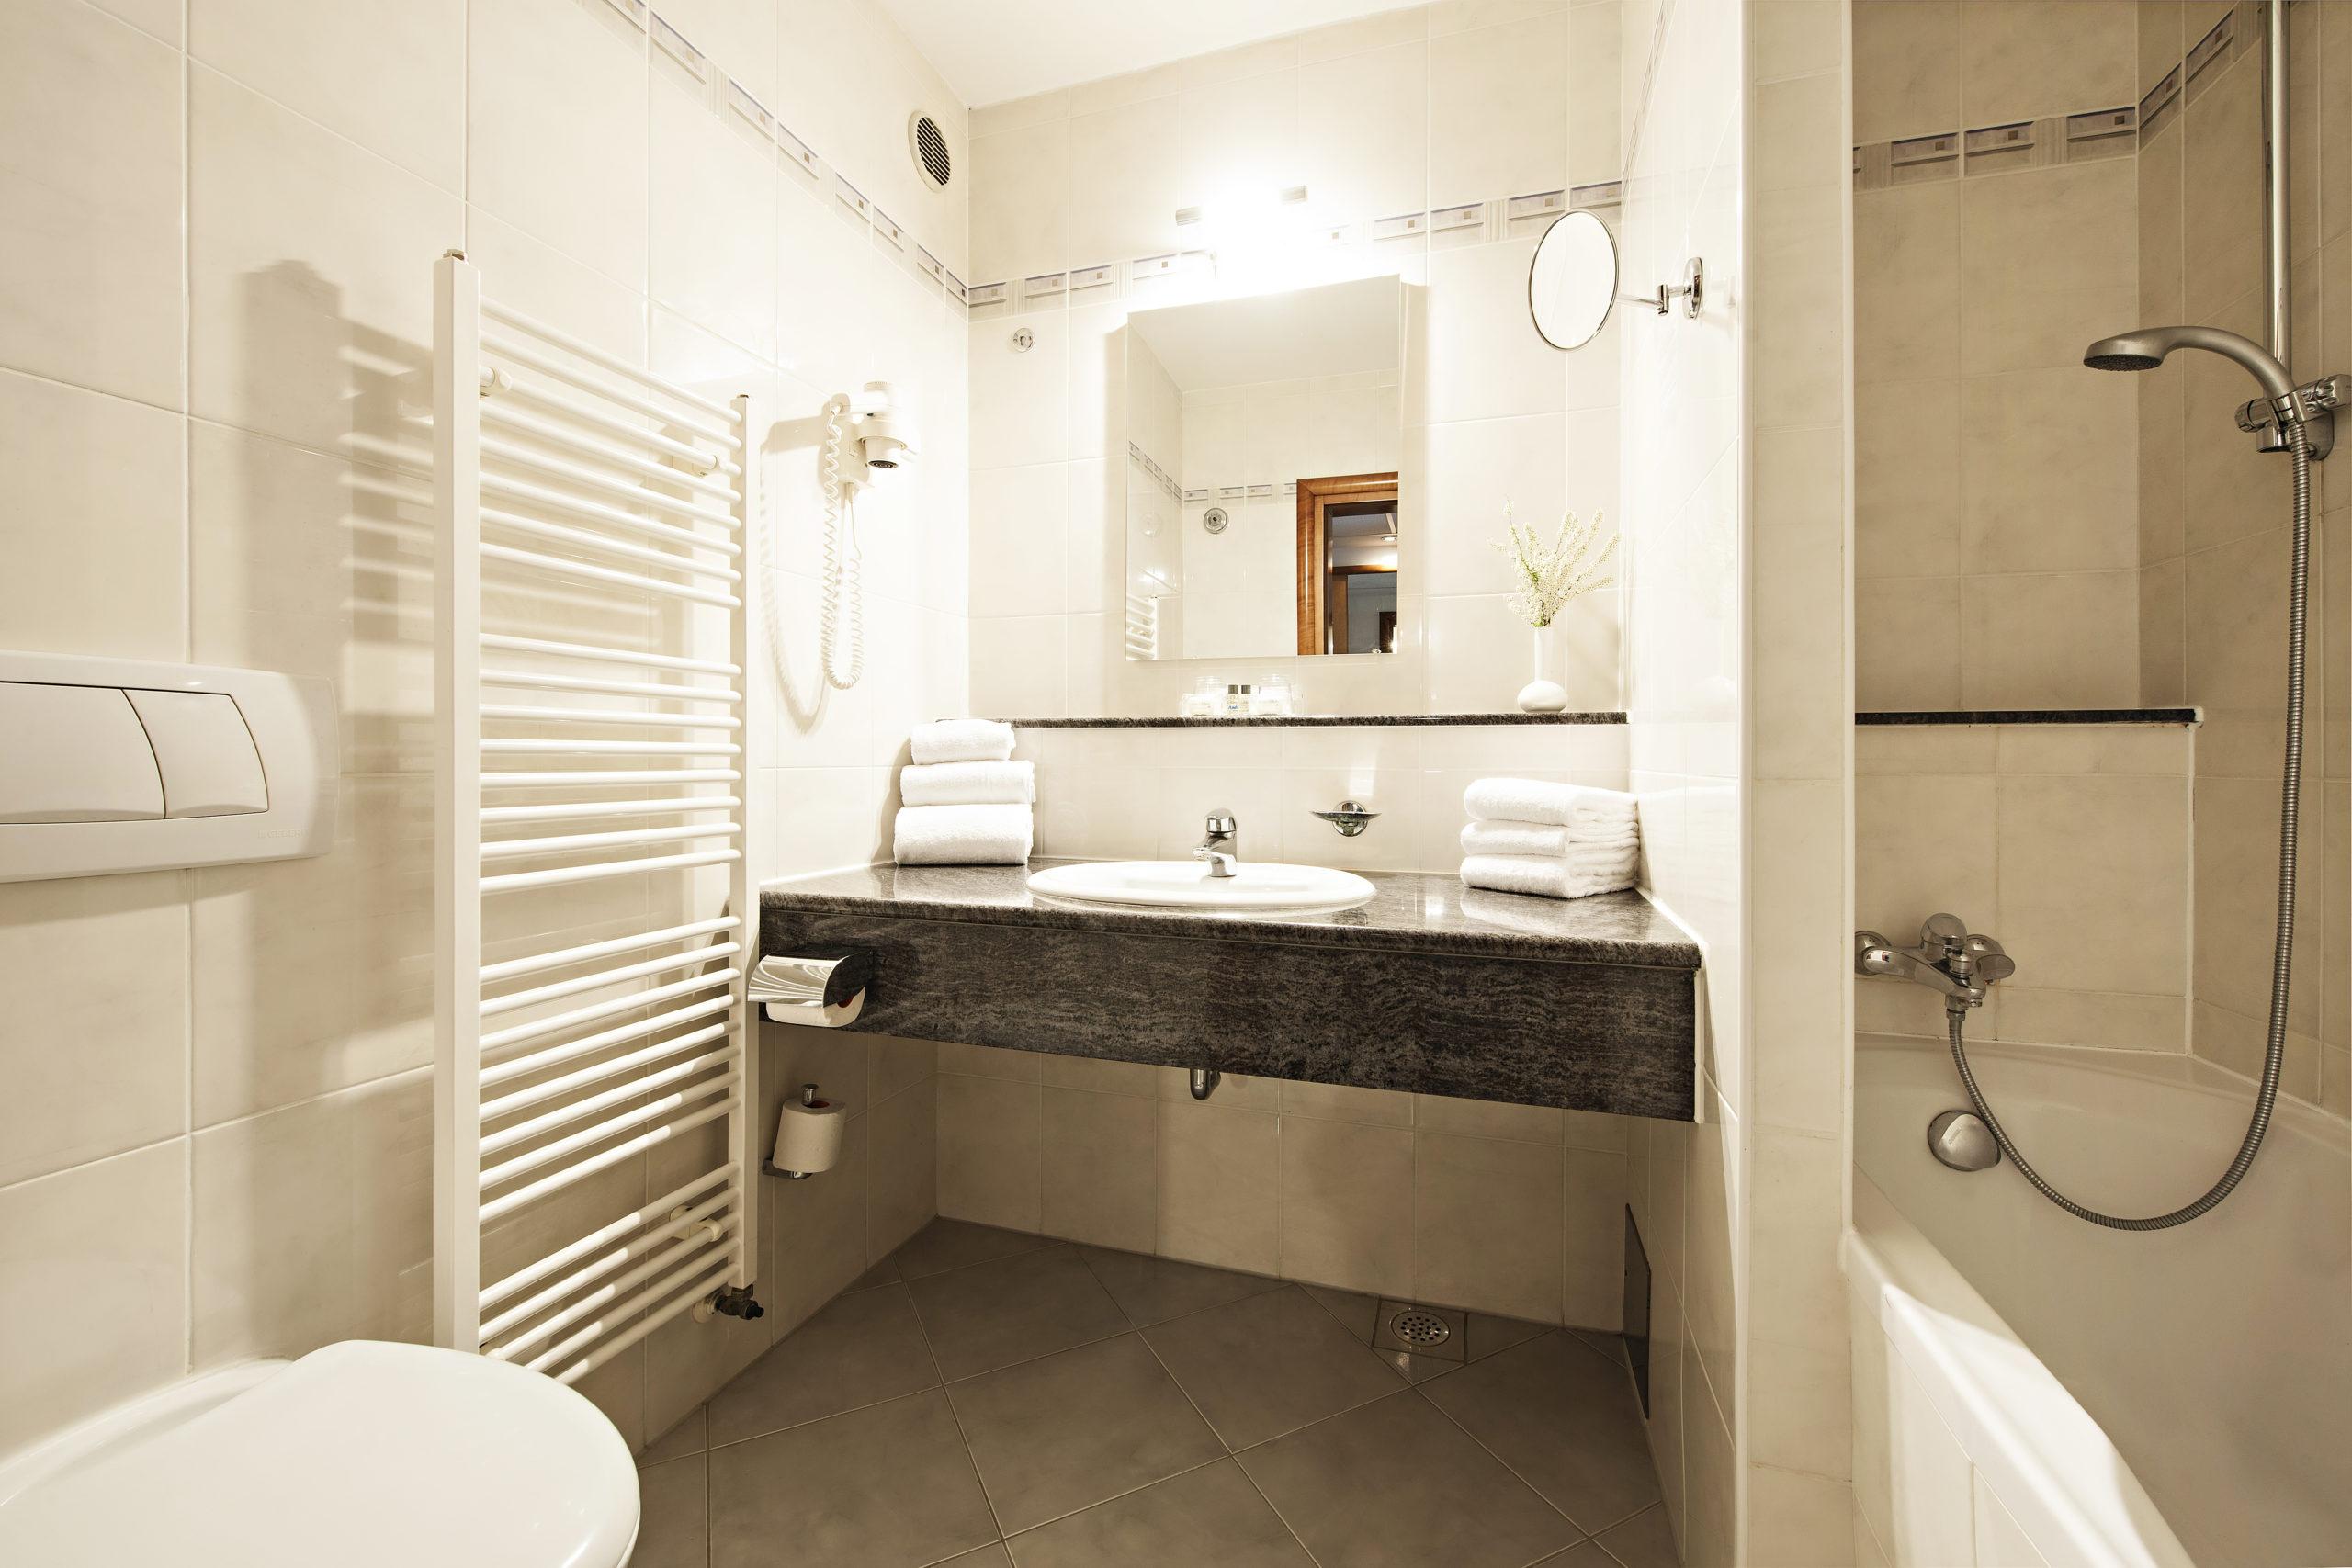 HotelAjda_ClassicDoubleRoom_05_052017_DD